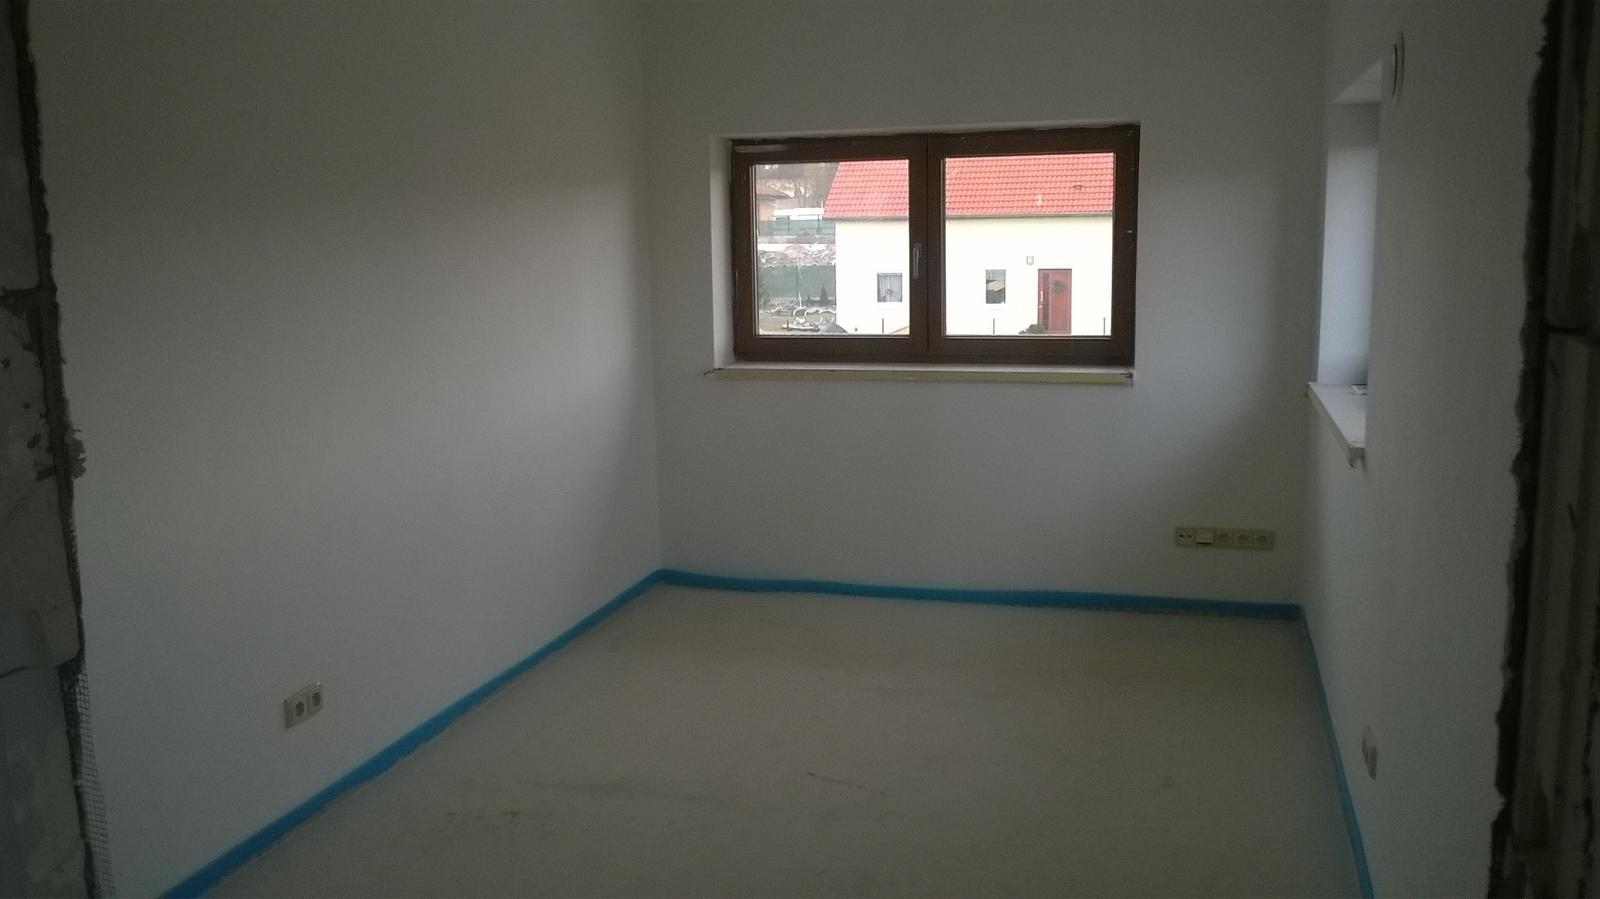 Stavba pasivního domu - Pokojíček pro dceru. Myslíte, že by šlo udělat jednu stěnu růžovou a  dvě šedé? Tu růžovou bych dala s bílými puntíky.